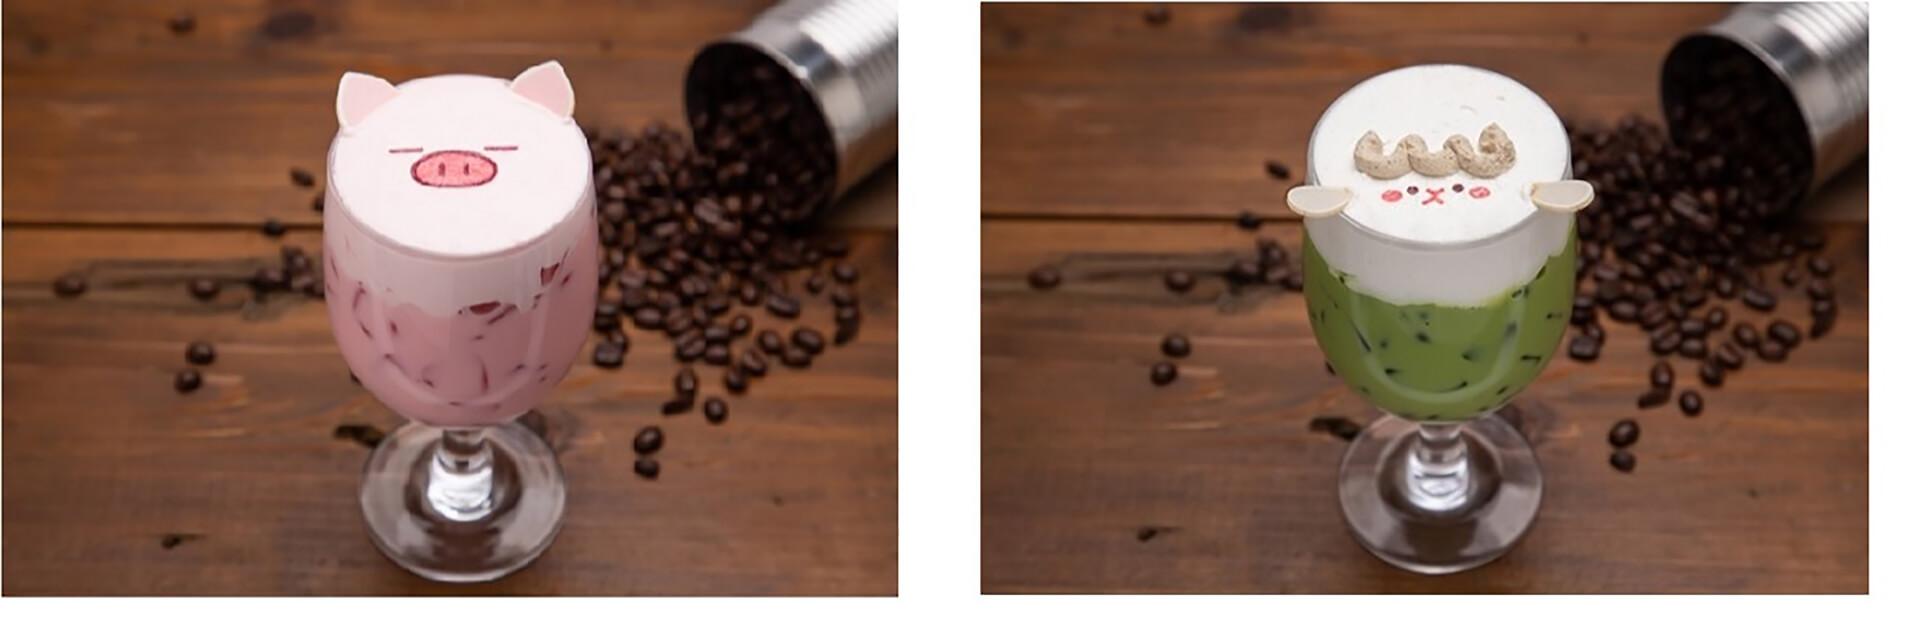 この写真はぶたたカフェのメニュー、めーたの抹茶ミルクなどです